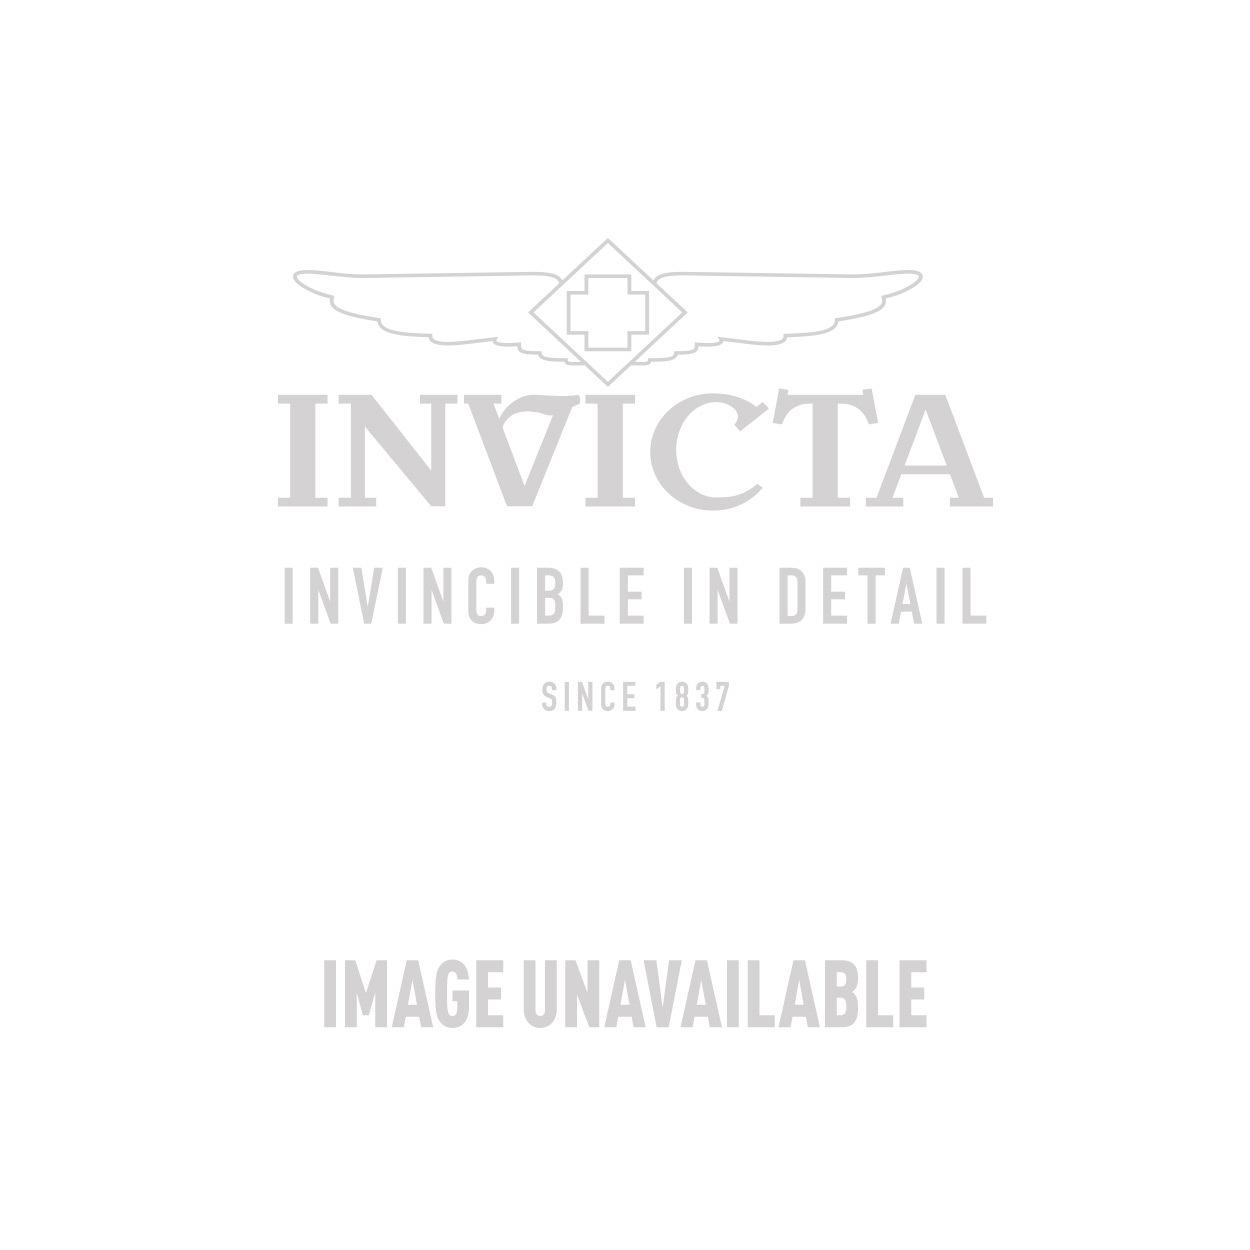 Invicta Model 27395